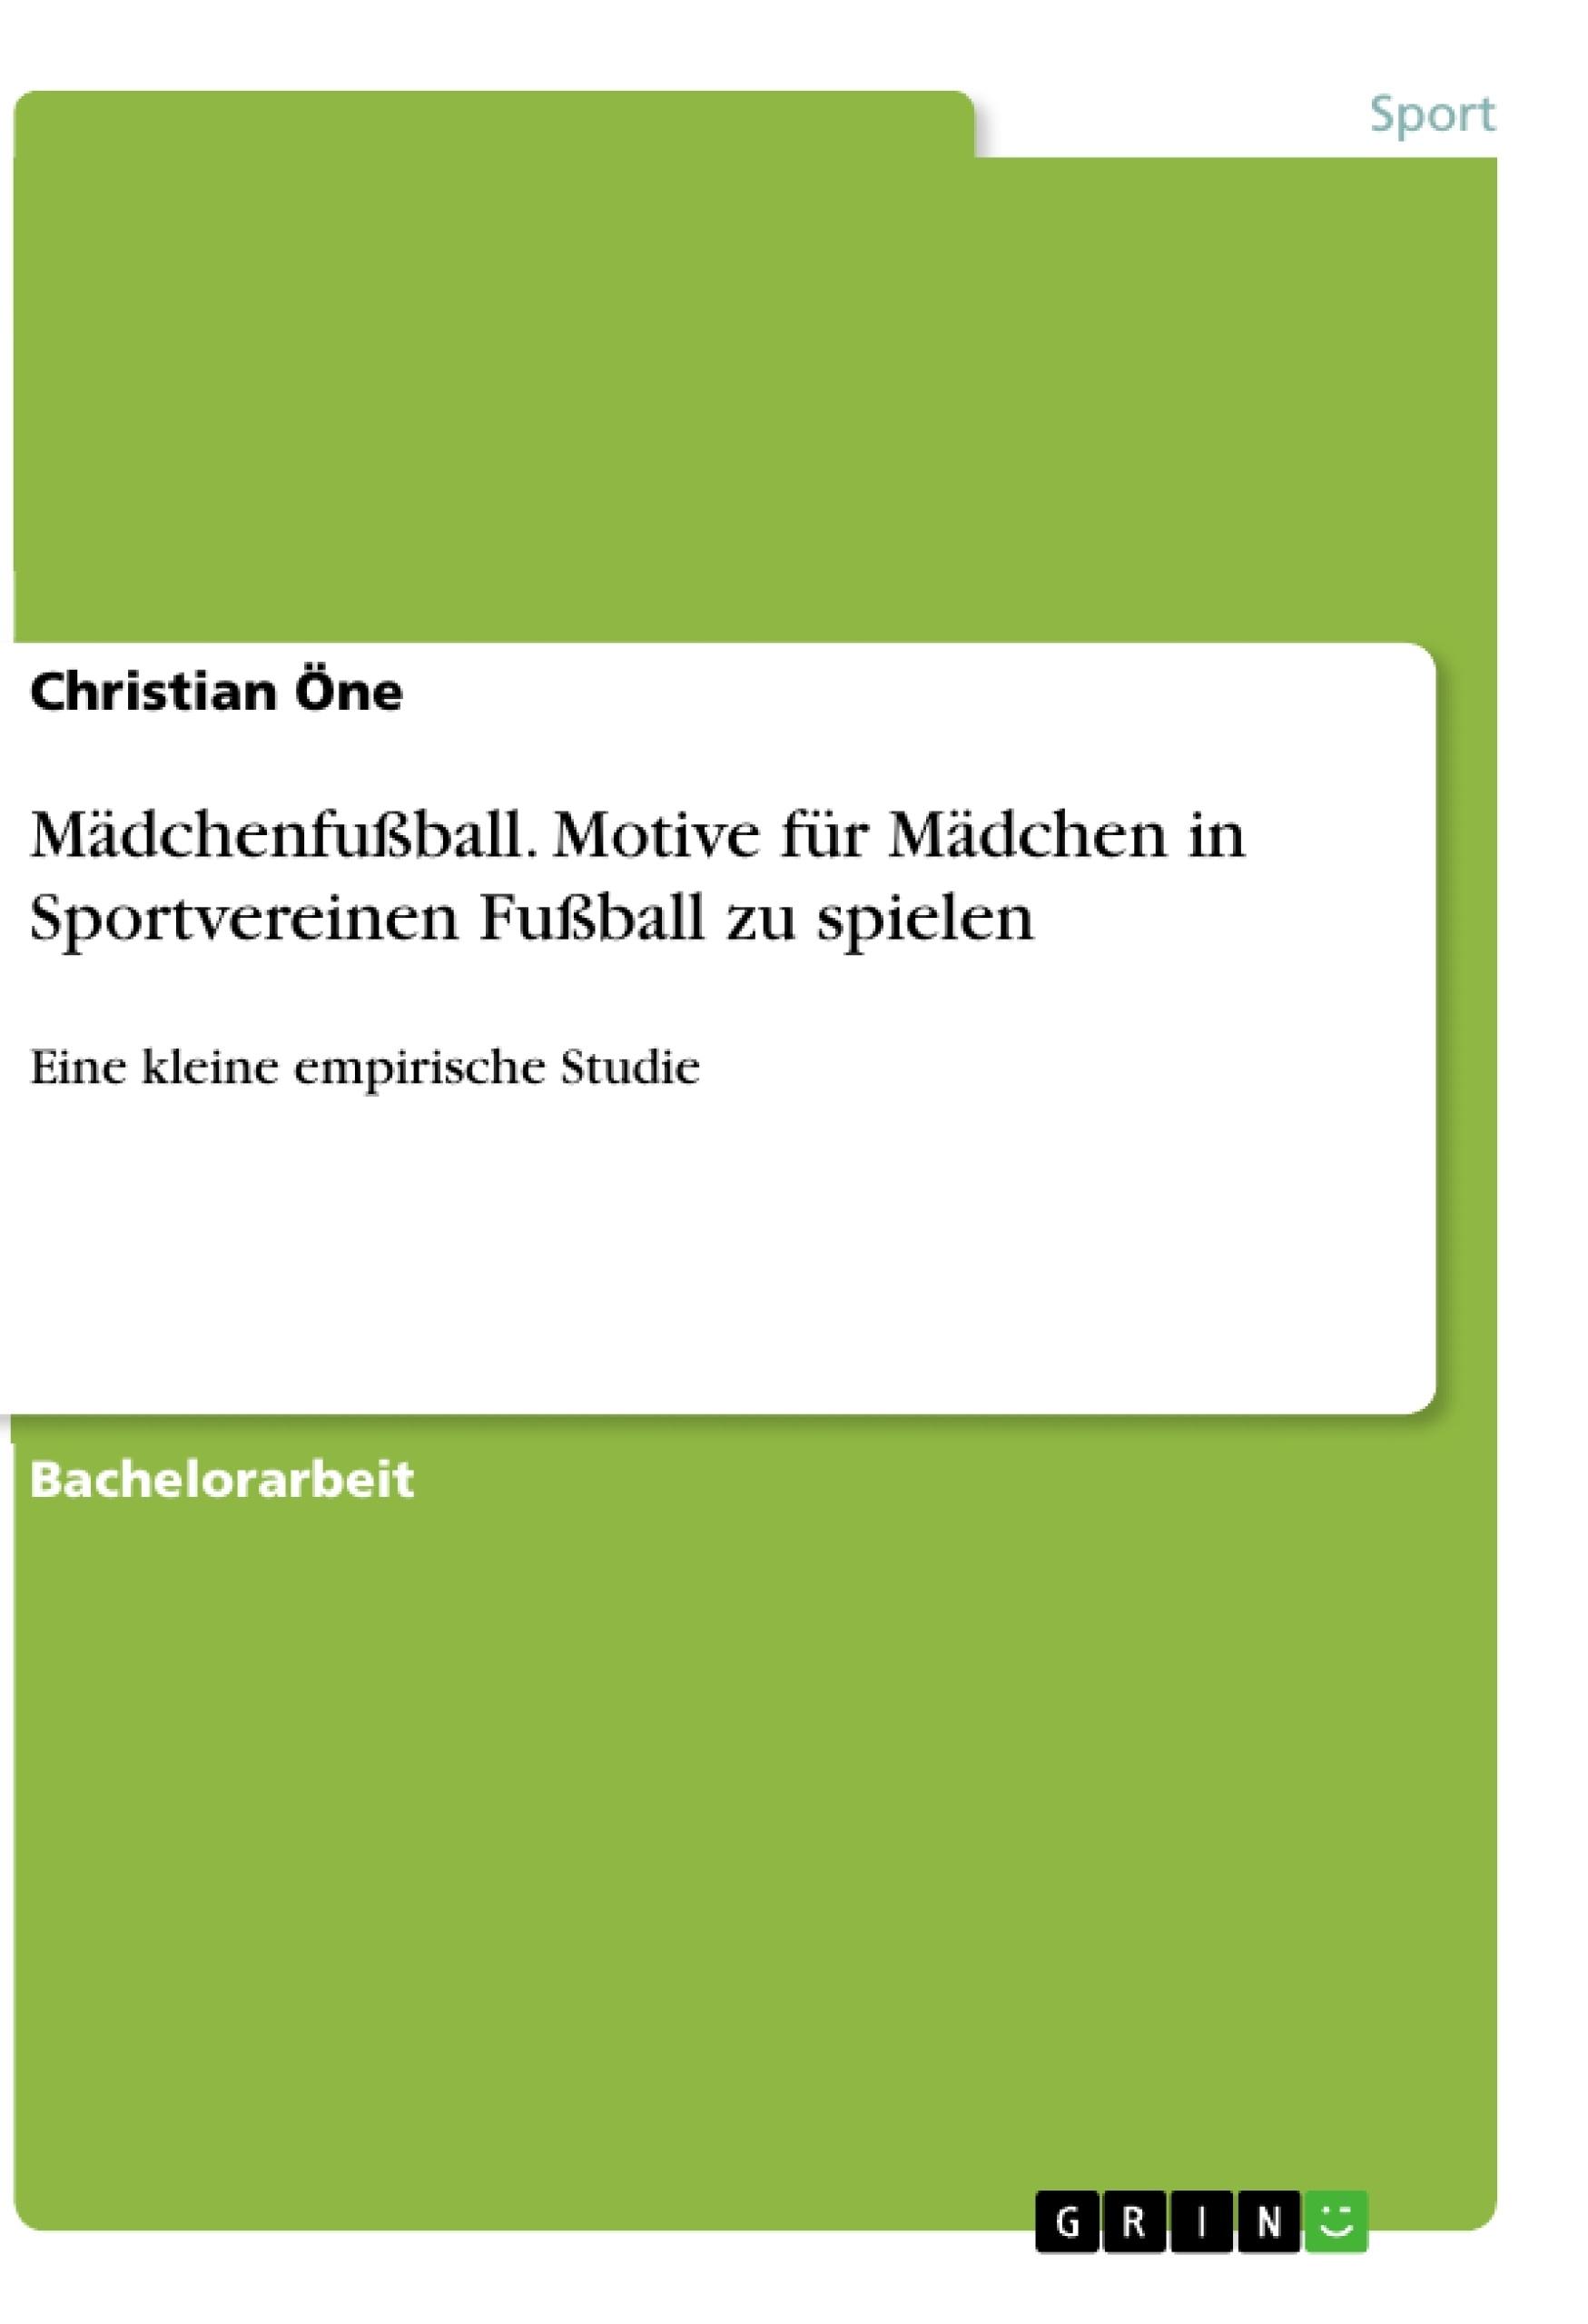 Titel: Mädchenfußball. Motive für Mädchen in Sportvereinen Fußball zu spielen